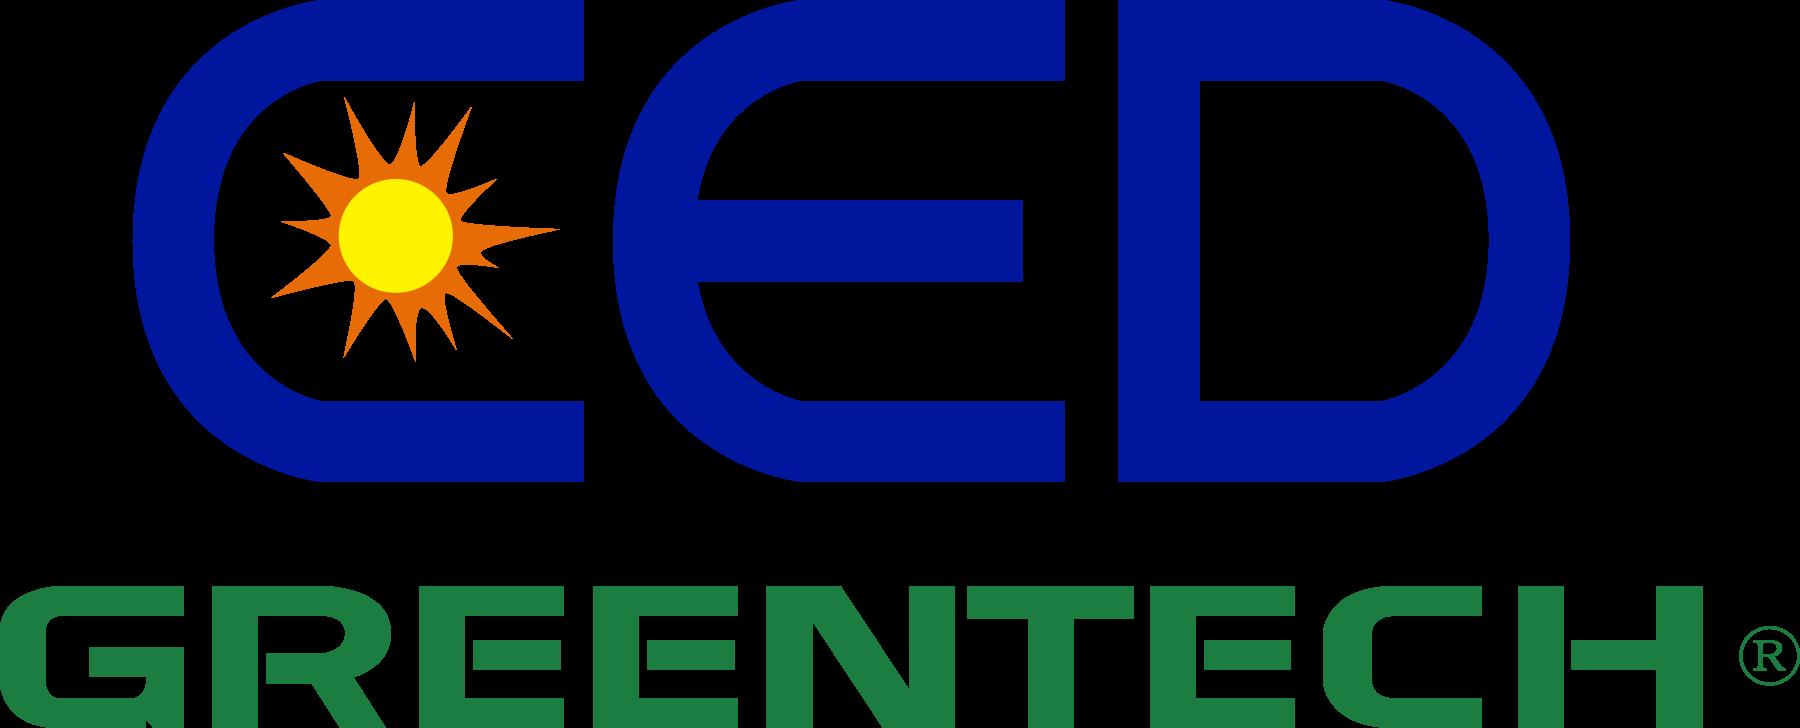 CED_GT_logo_no_white_bckgrnd.png